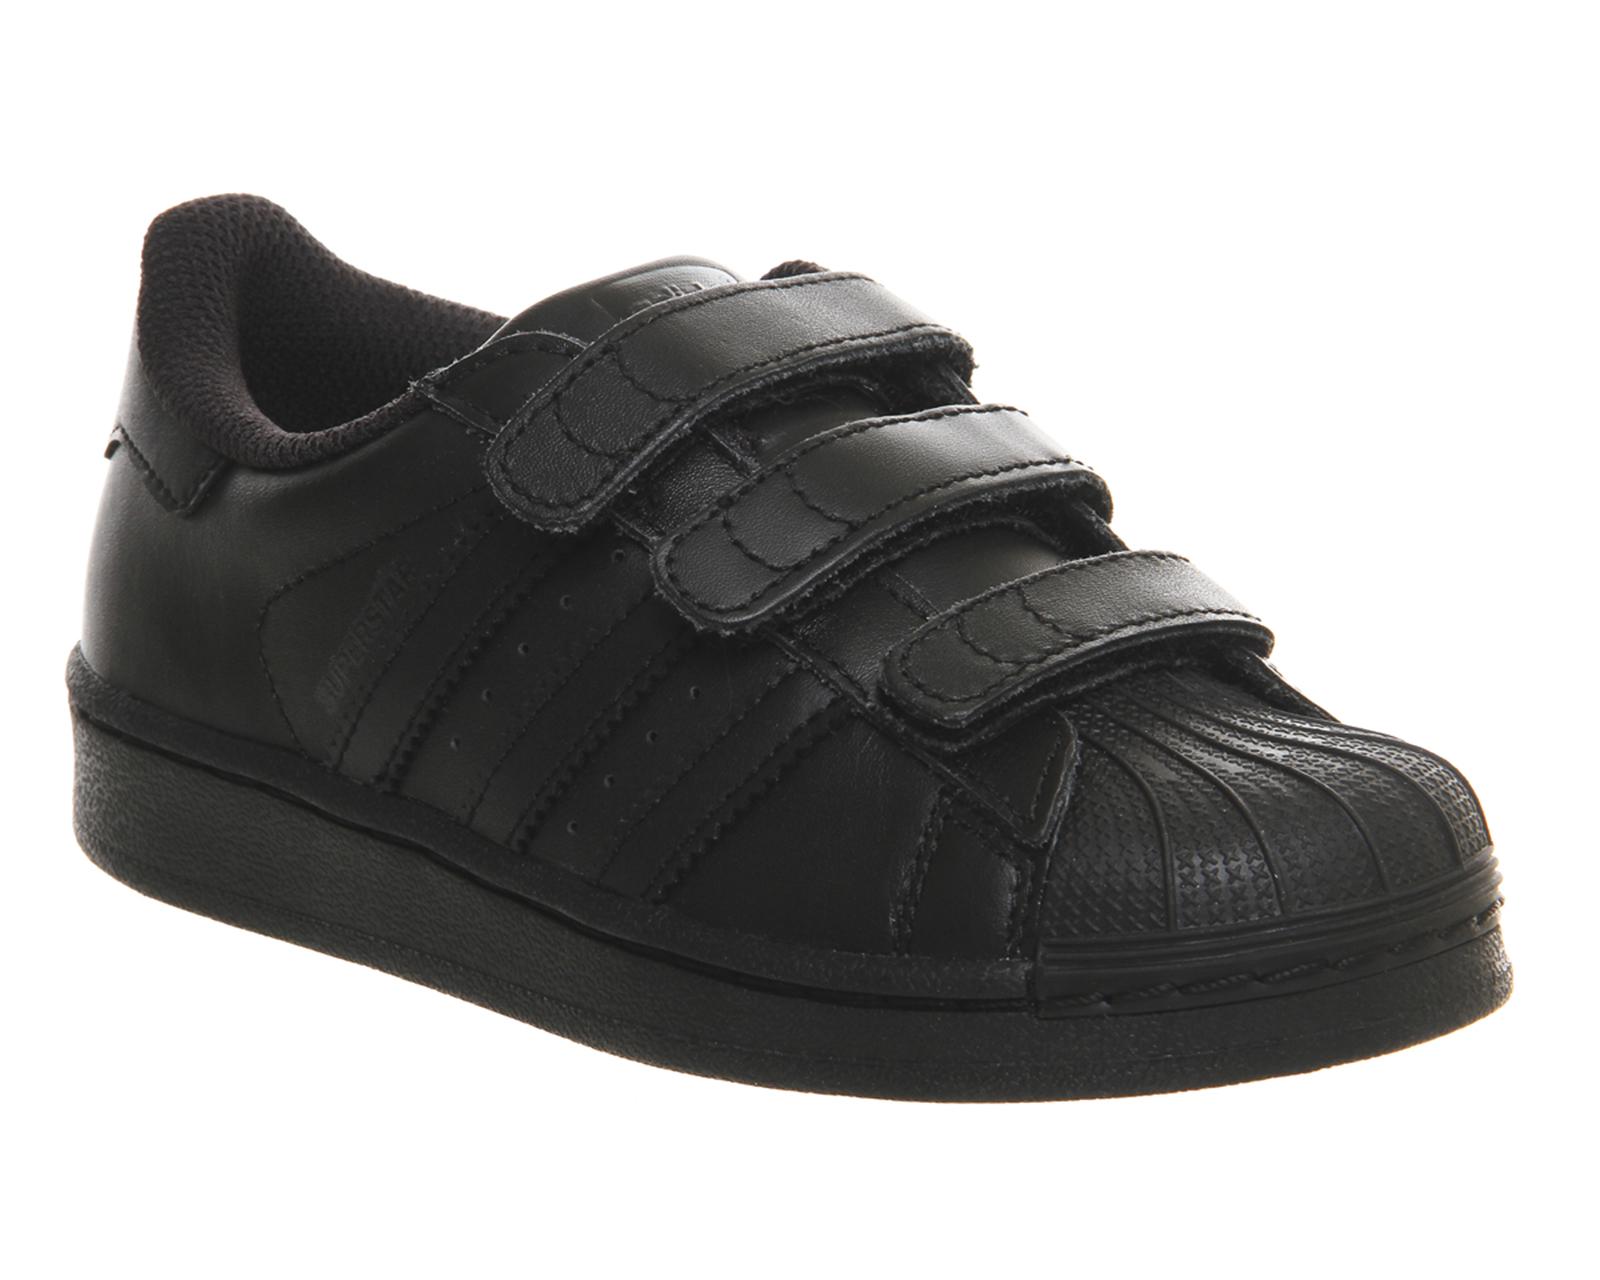 boys velcro adidas trainers off 51% - www.ncccc.gov.eg